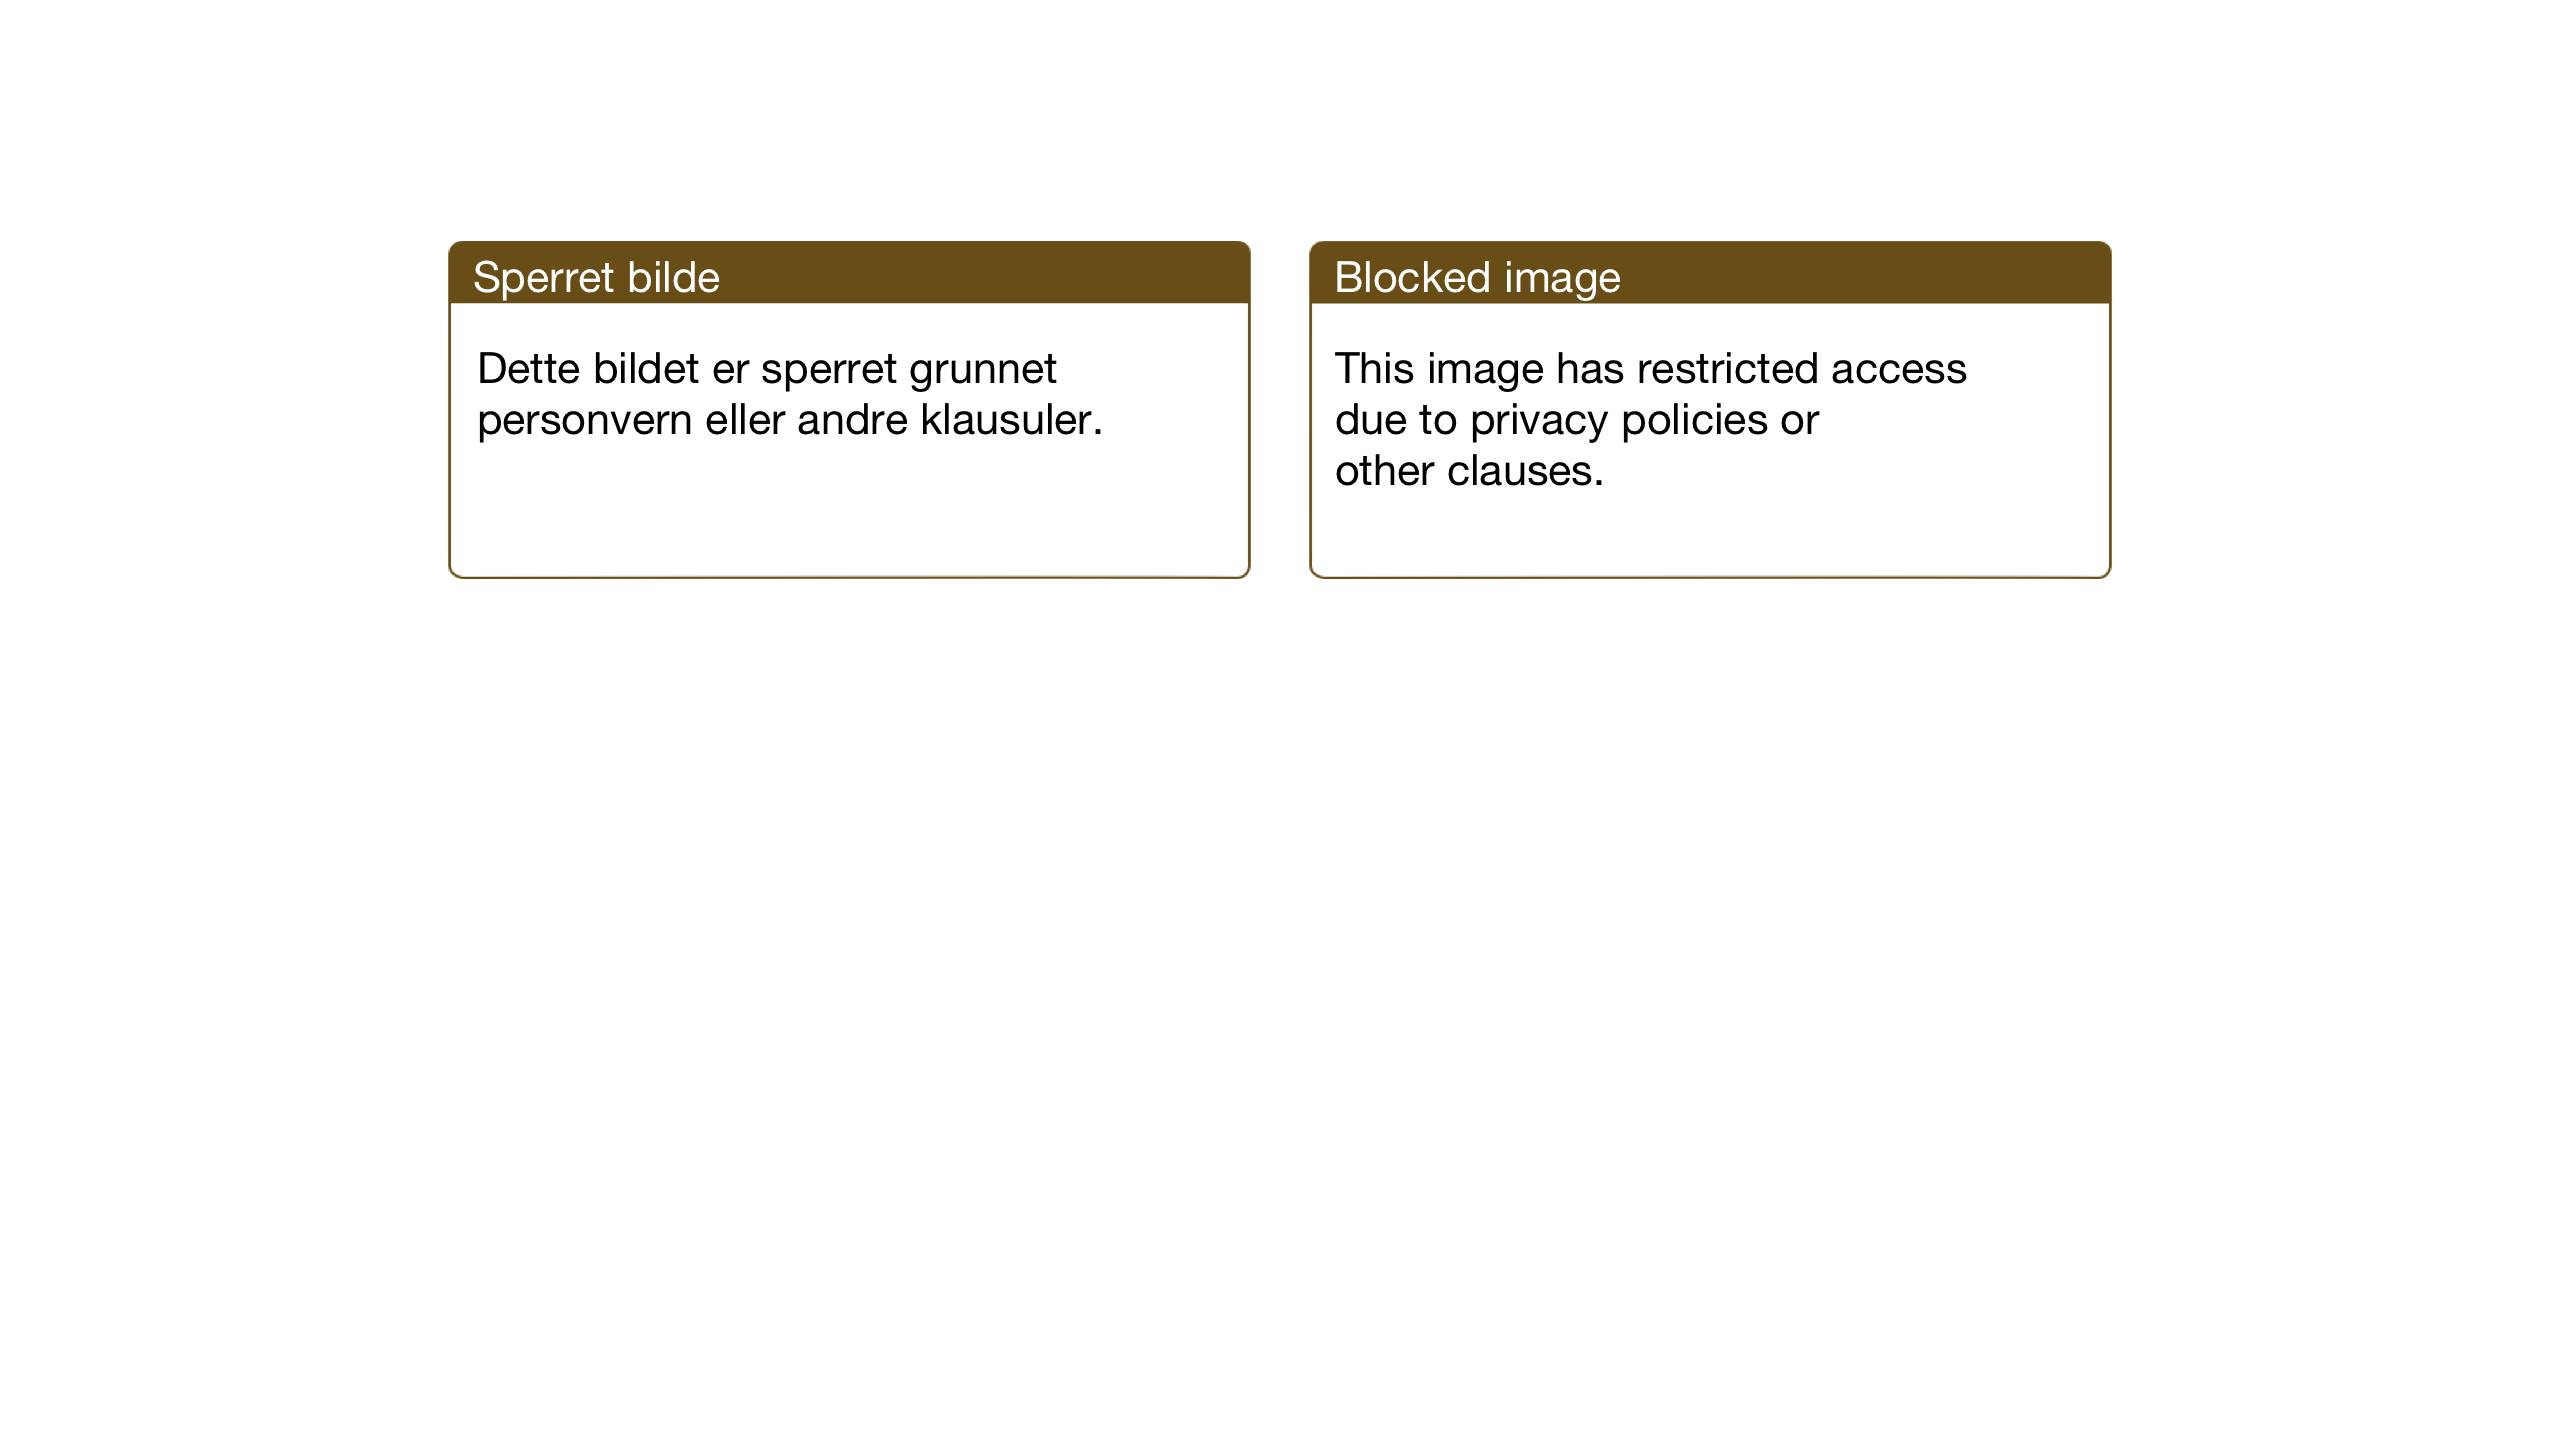 SAT, Ministerialprotokoller, klokkerbøker og fødselsregistre - Nord-Trøndelag, 701/L0019: Klokkerbok nr. 701C03, 1930-1953, s. 63